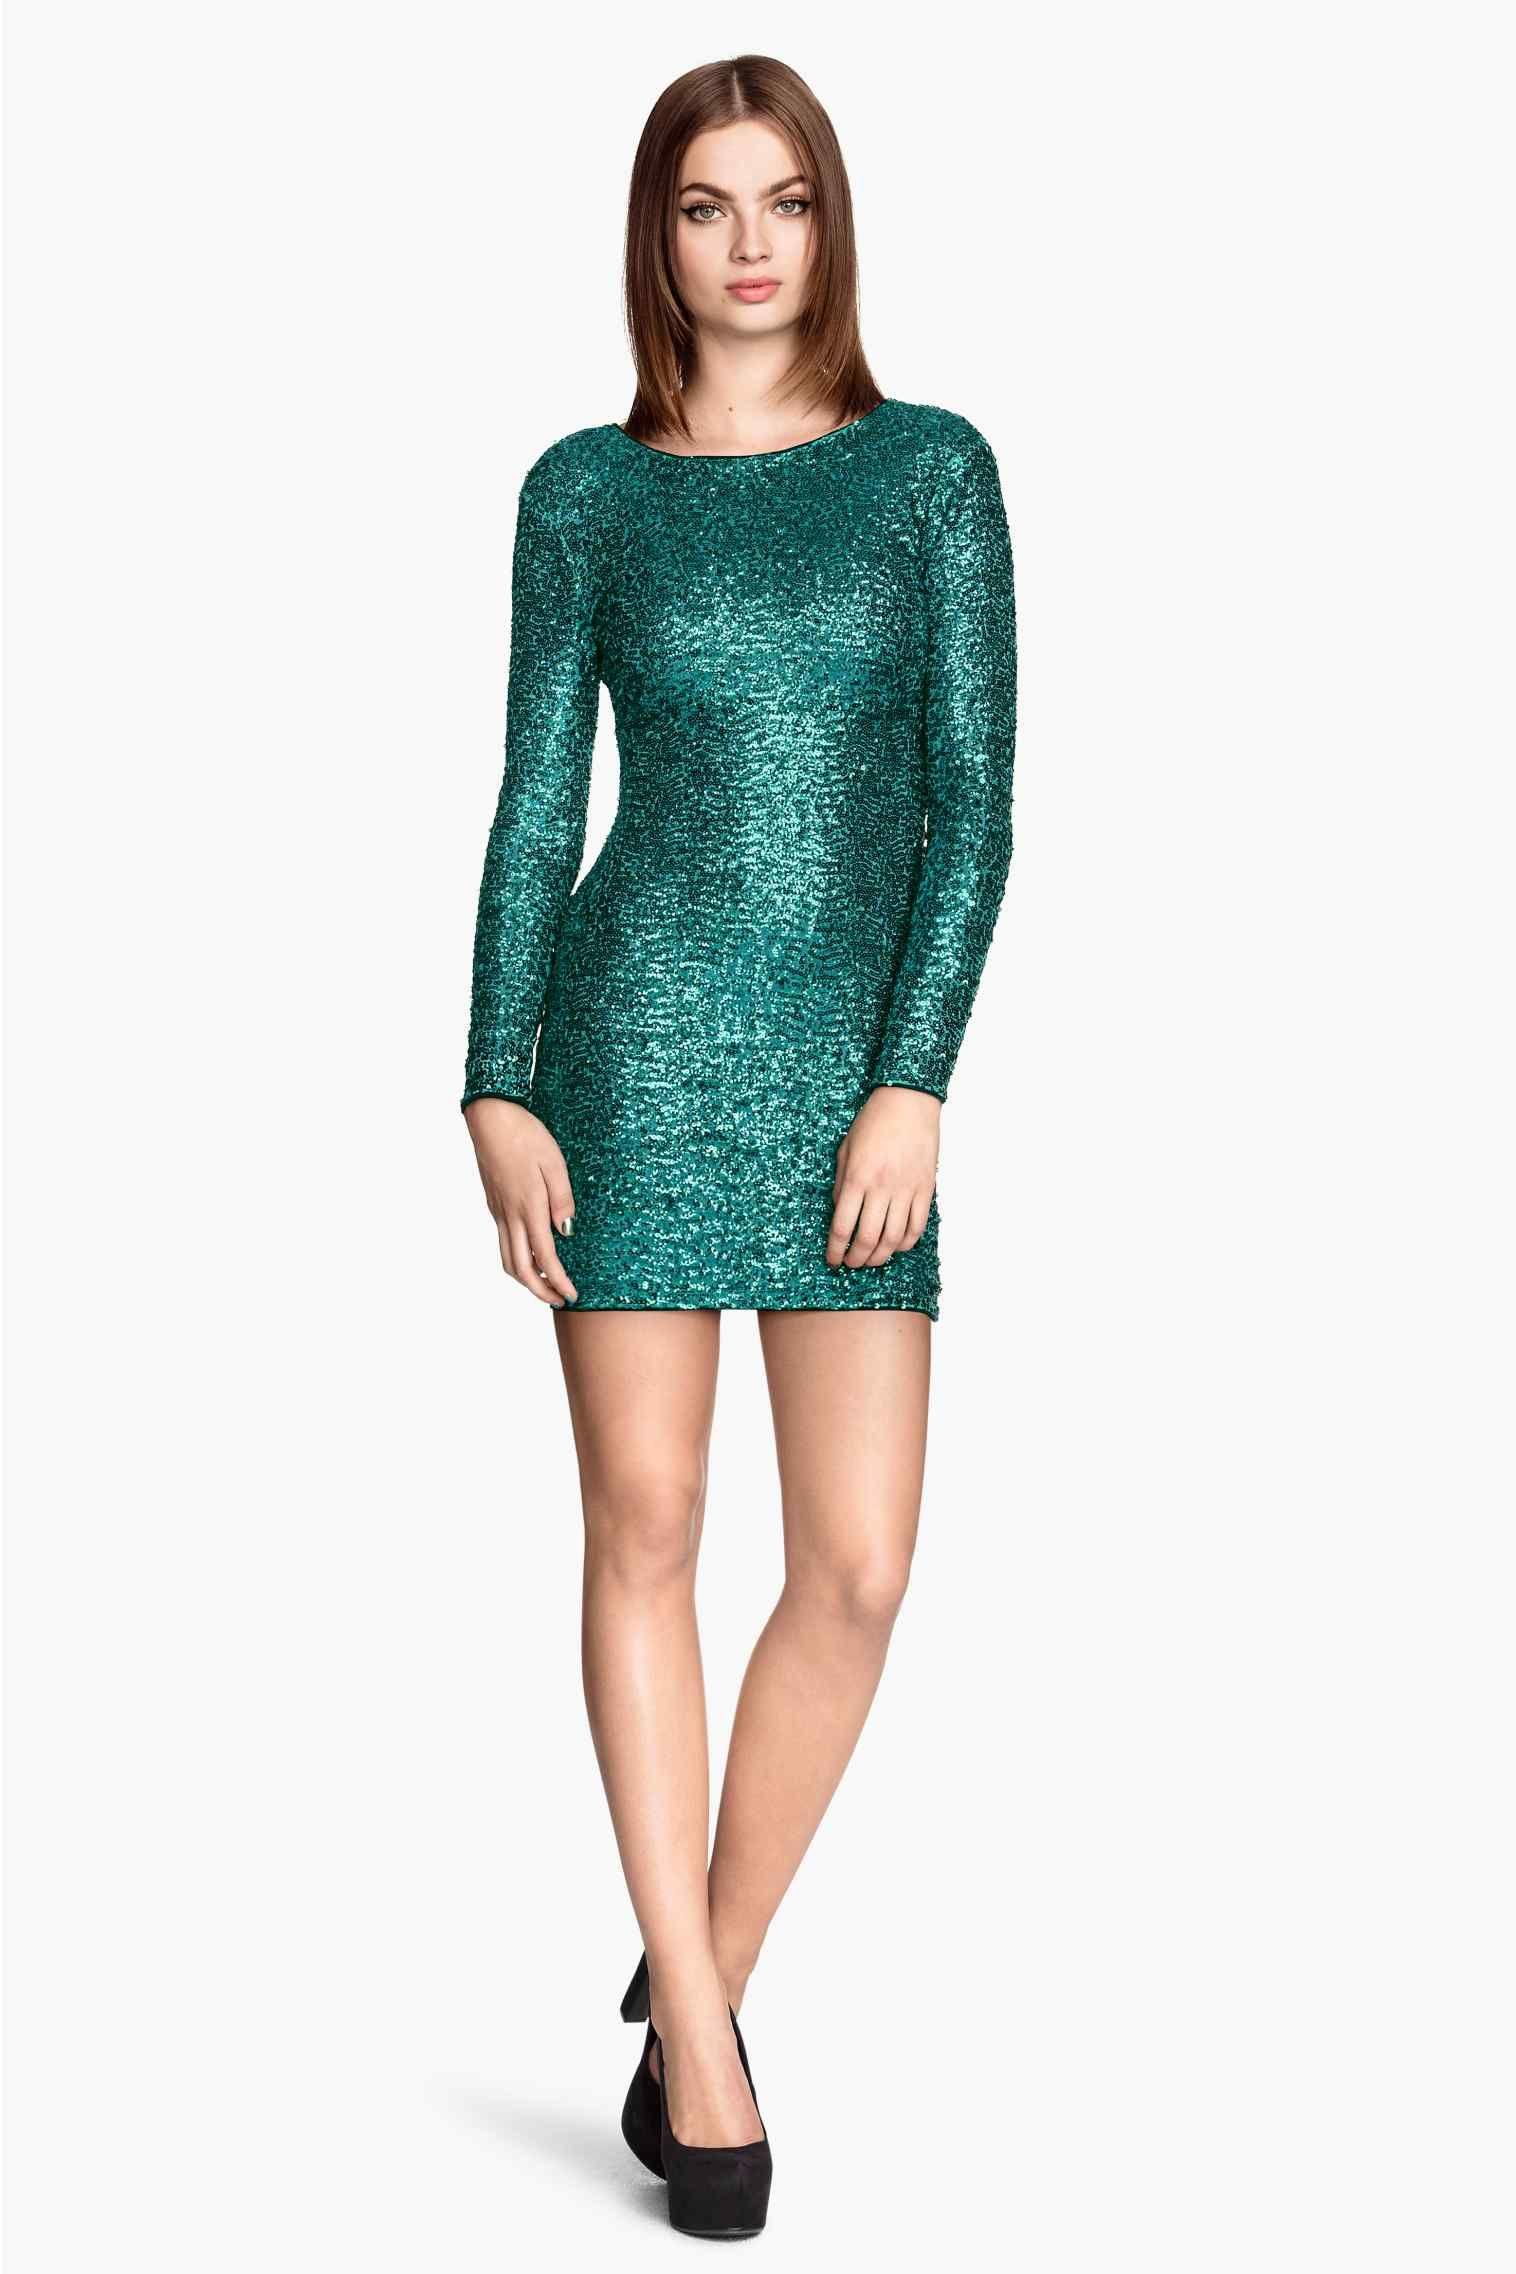 Vestido de lentejuelas   H&M   To wear   Pinterest   Vestido de ...